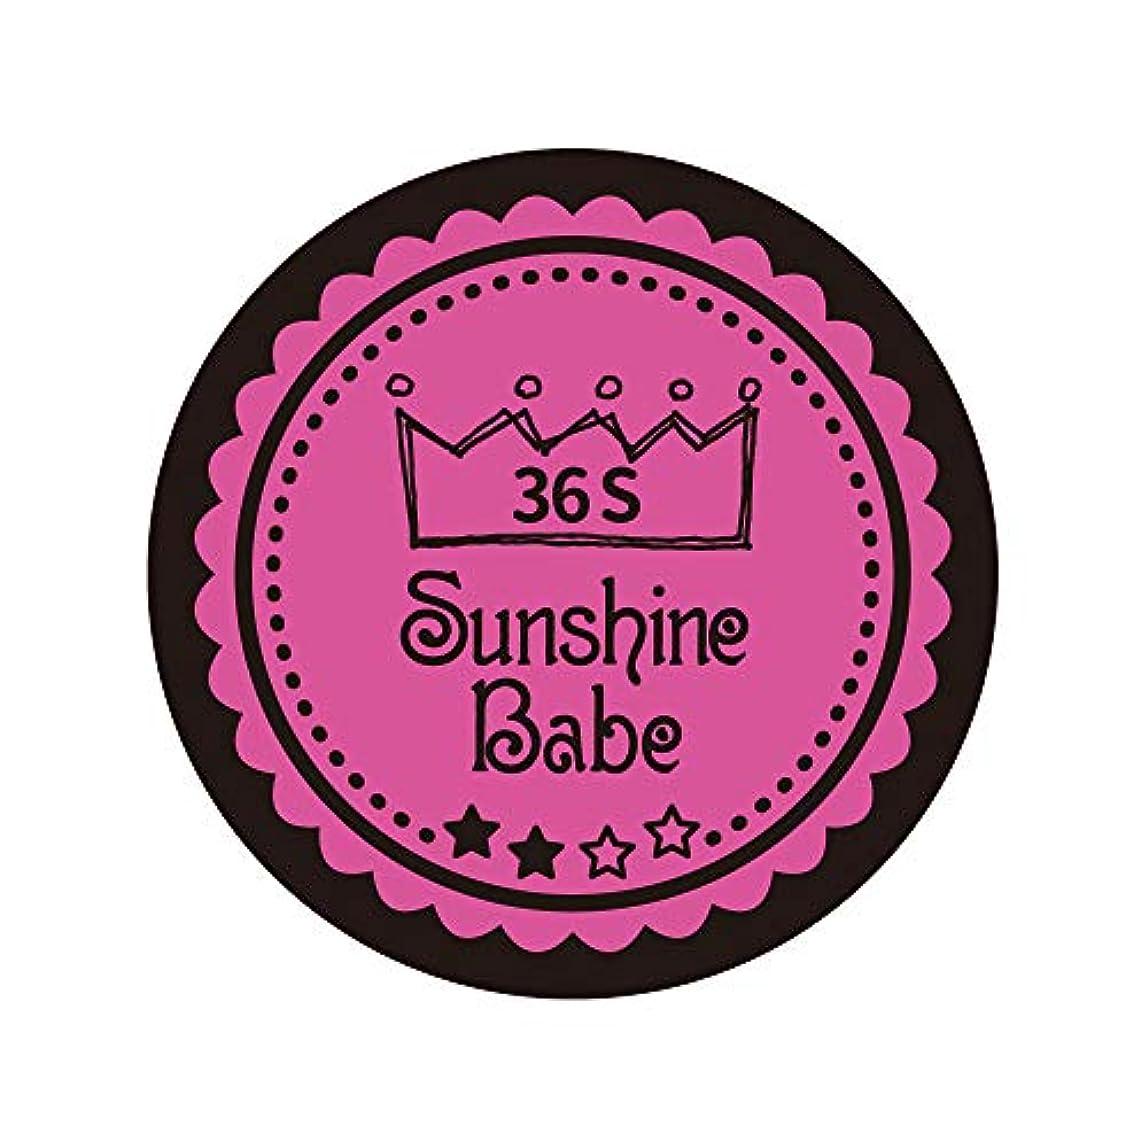 引用デジタル注入するSunshine Babe カラージェル 36S クロッカスピンク 4g UV/LED対応